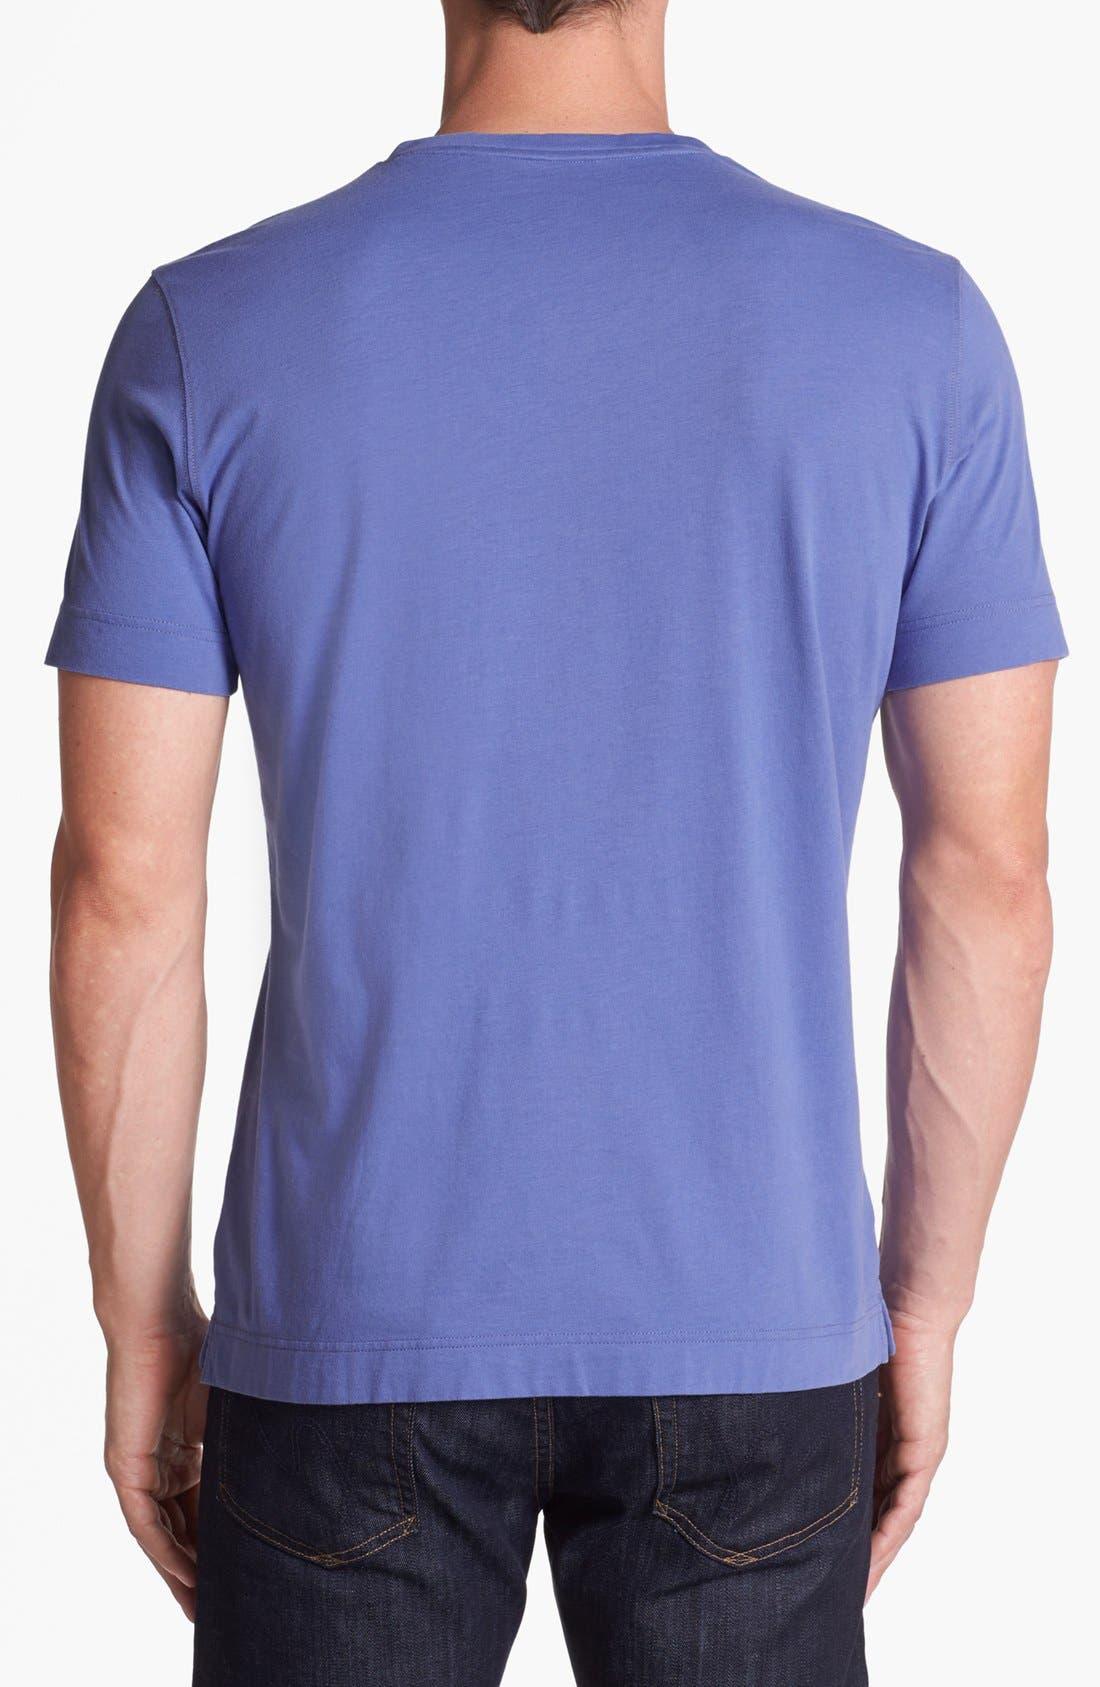 Alternate Image 2  - Robert Barakett 'Adam' Double V-Neck T-Shirt